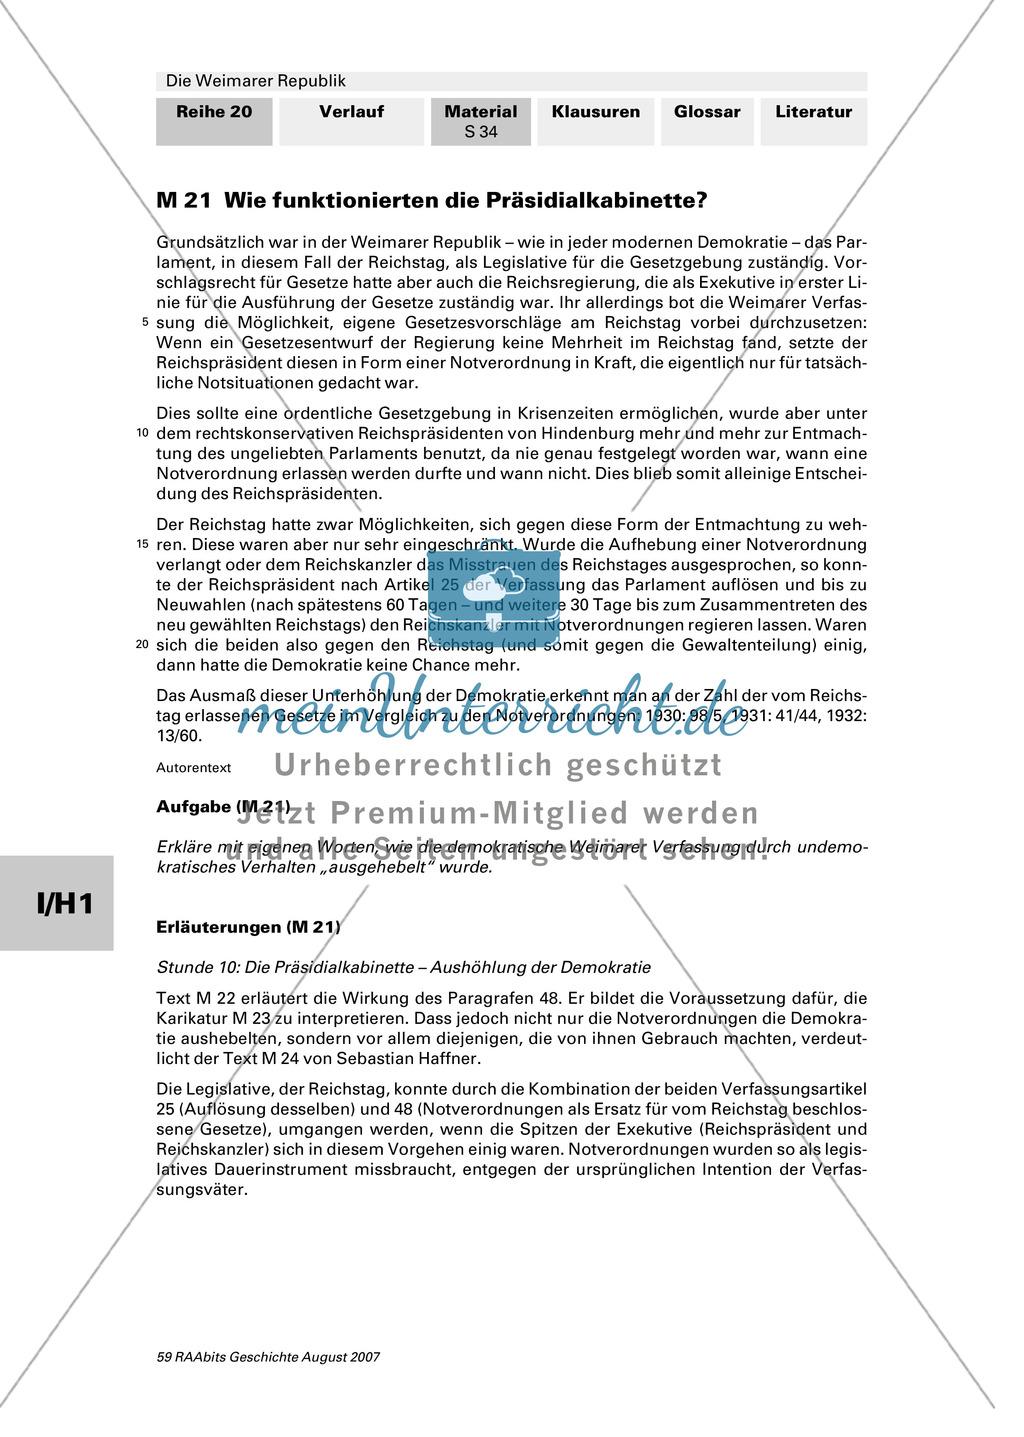 Die Weimarer Republik: Die Präsidialkabinette Preview 0